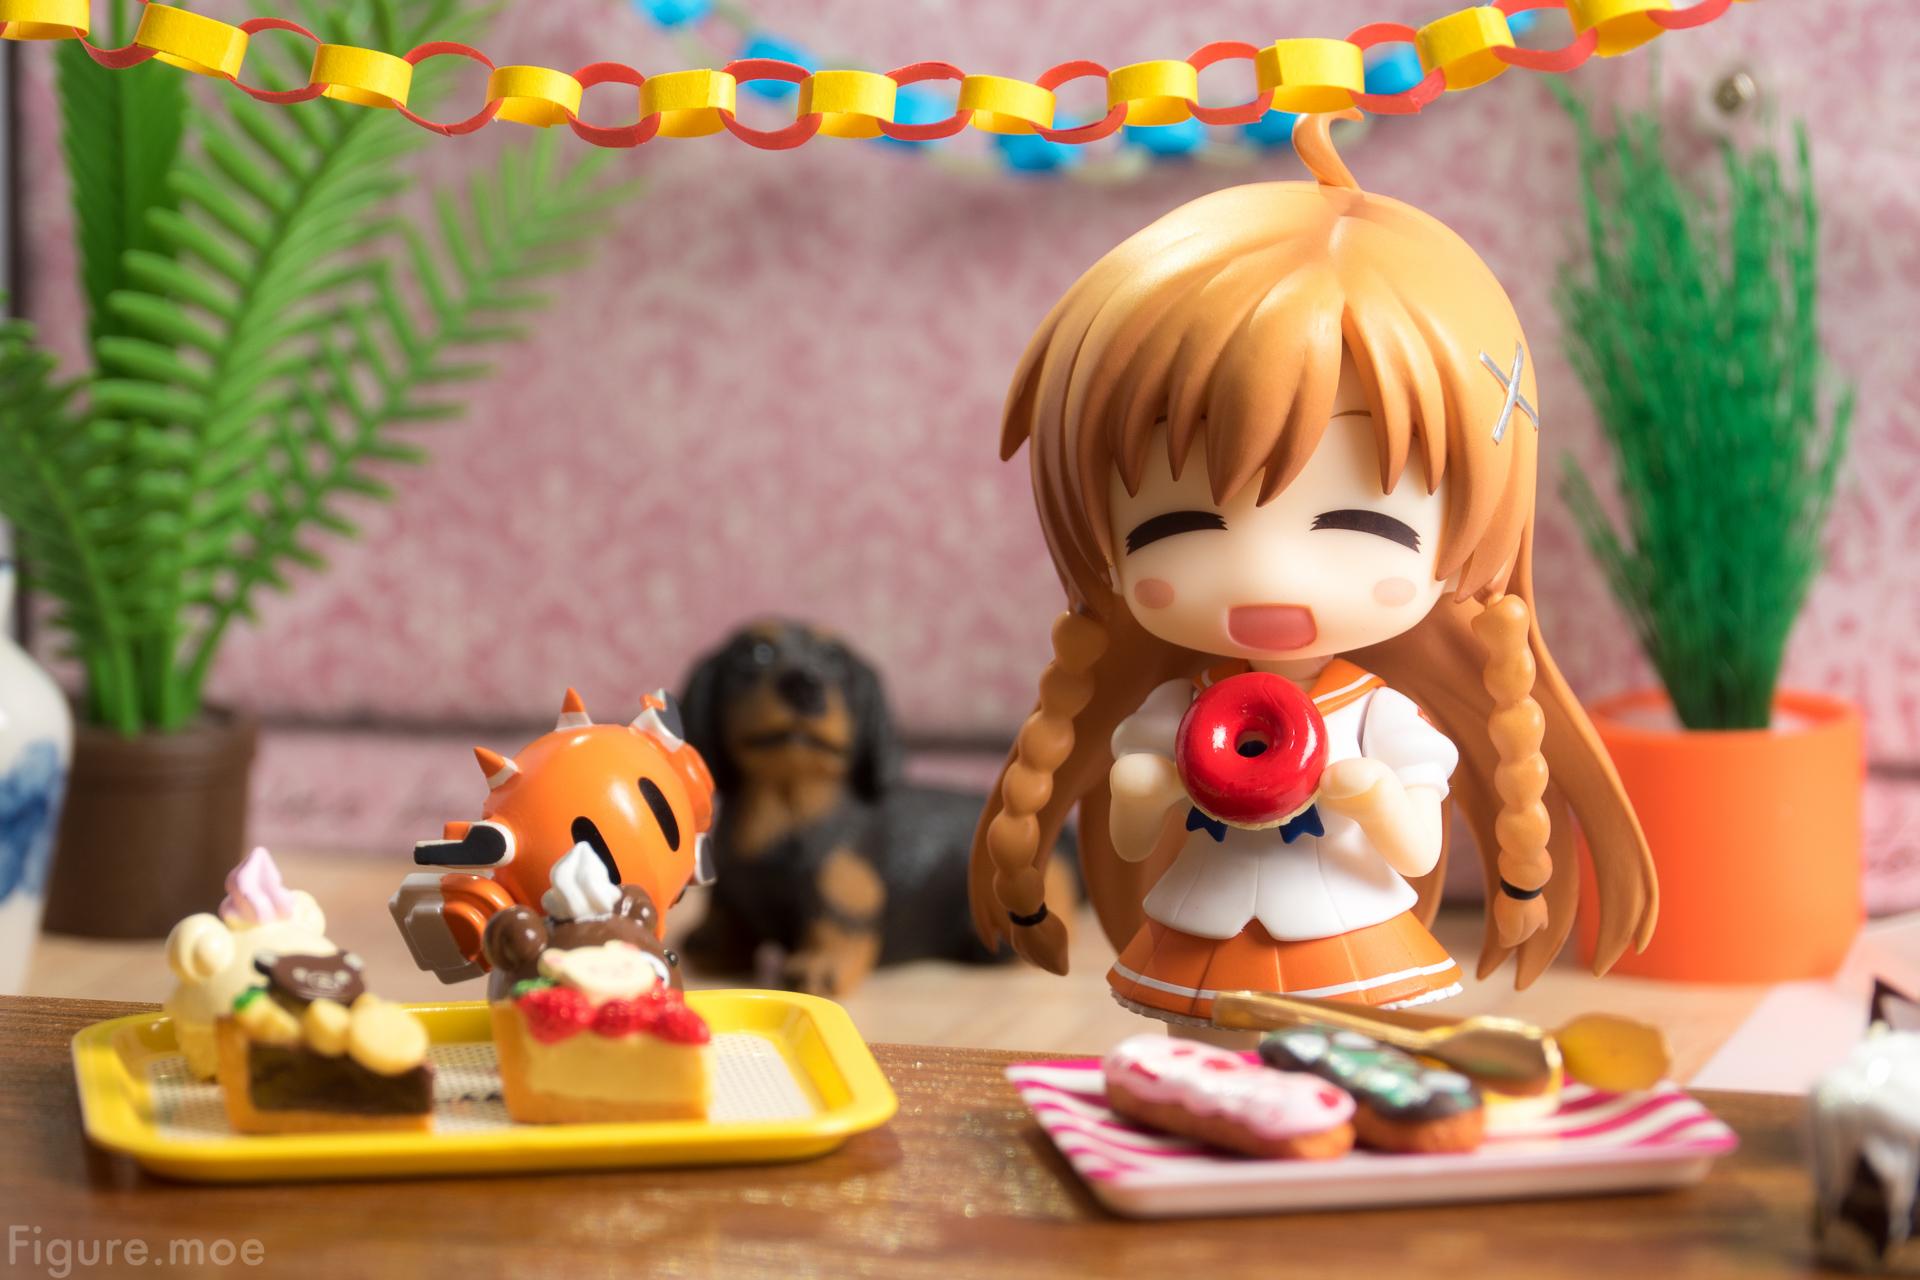 Mirai's BIG Birthday Gift